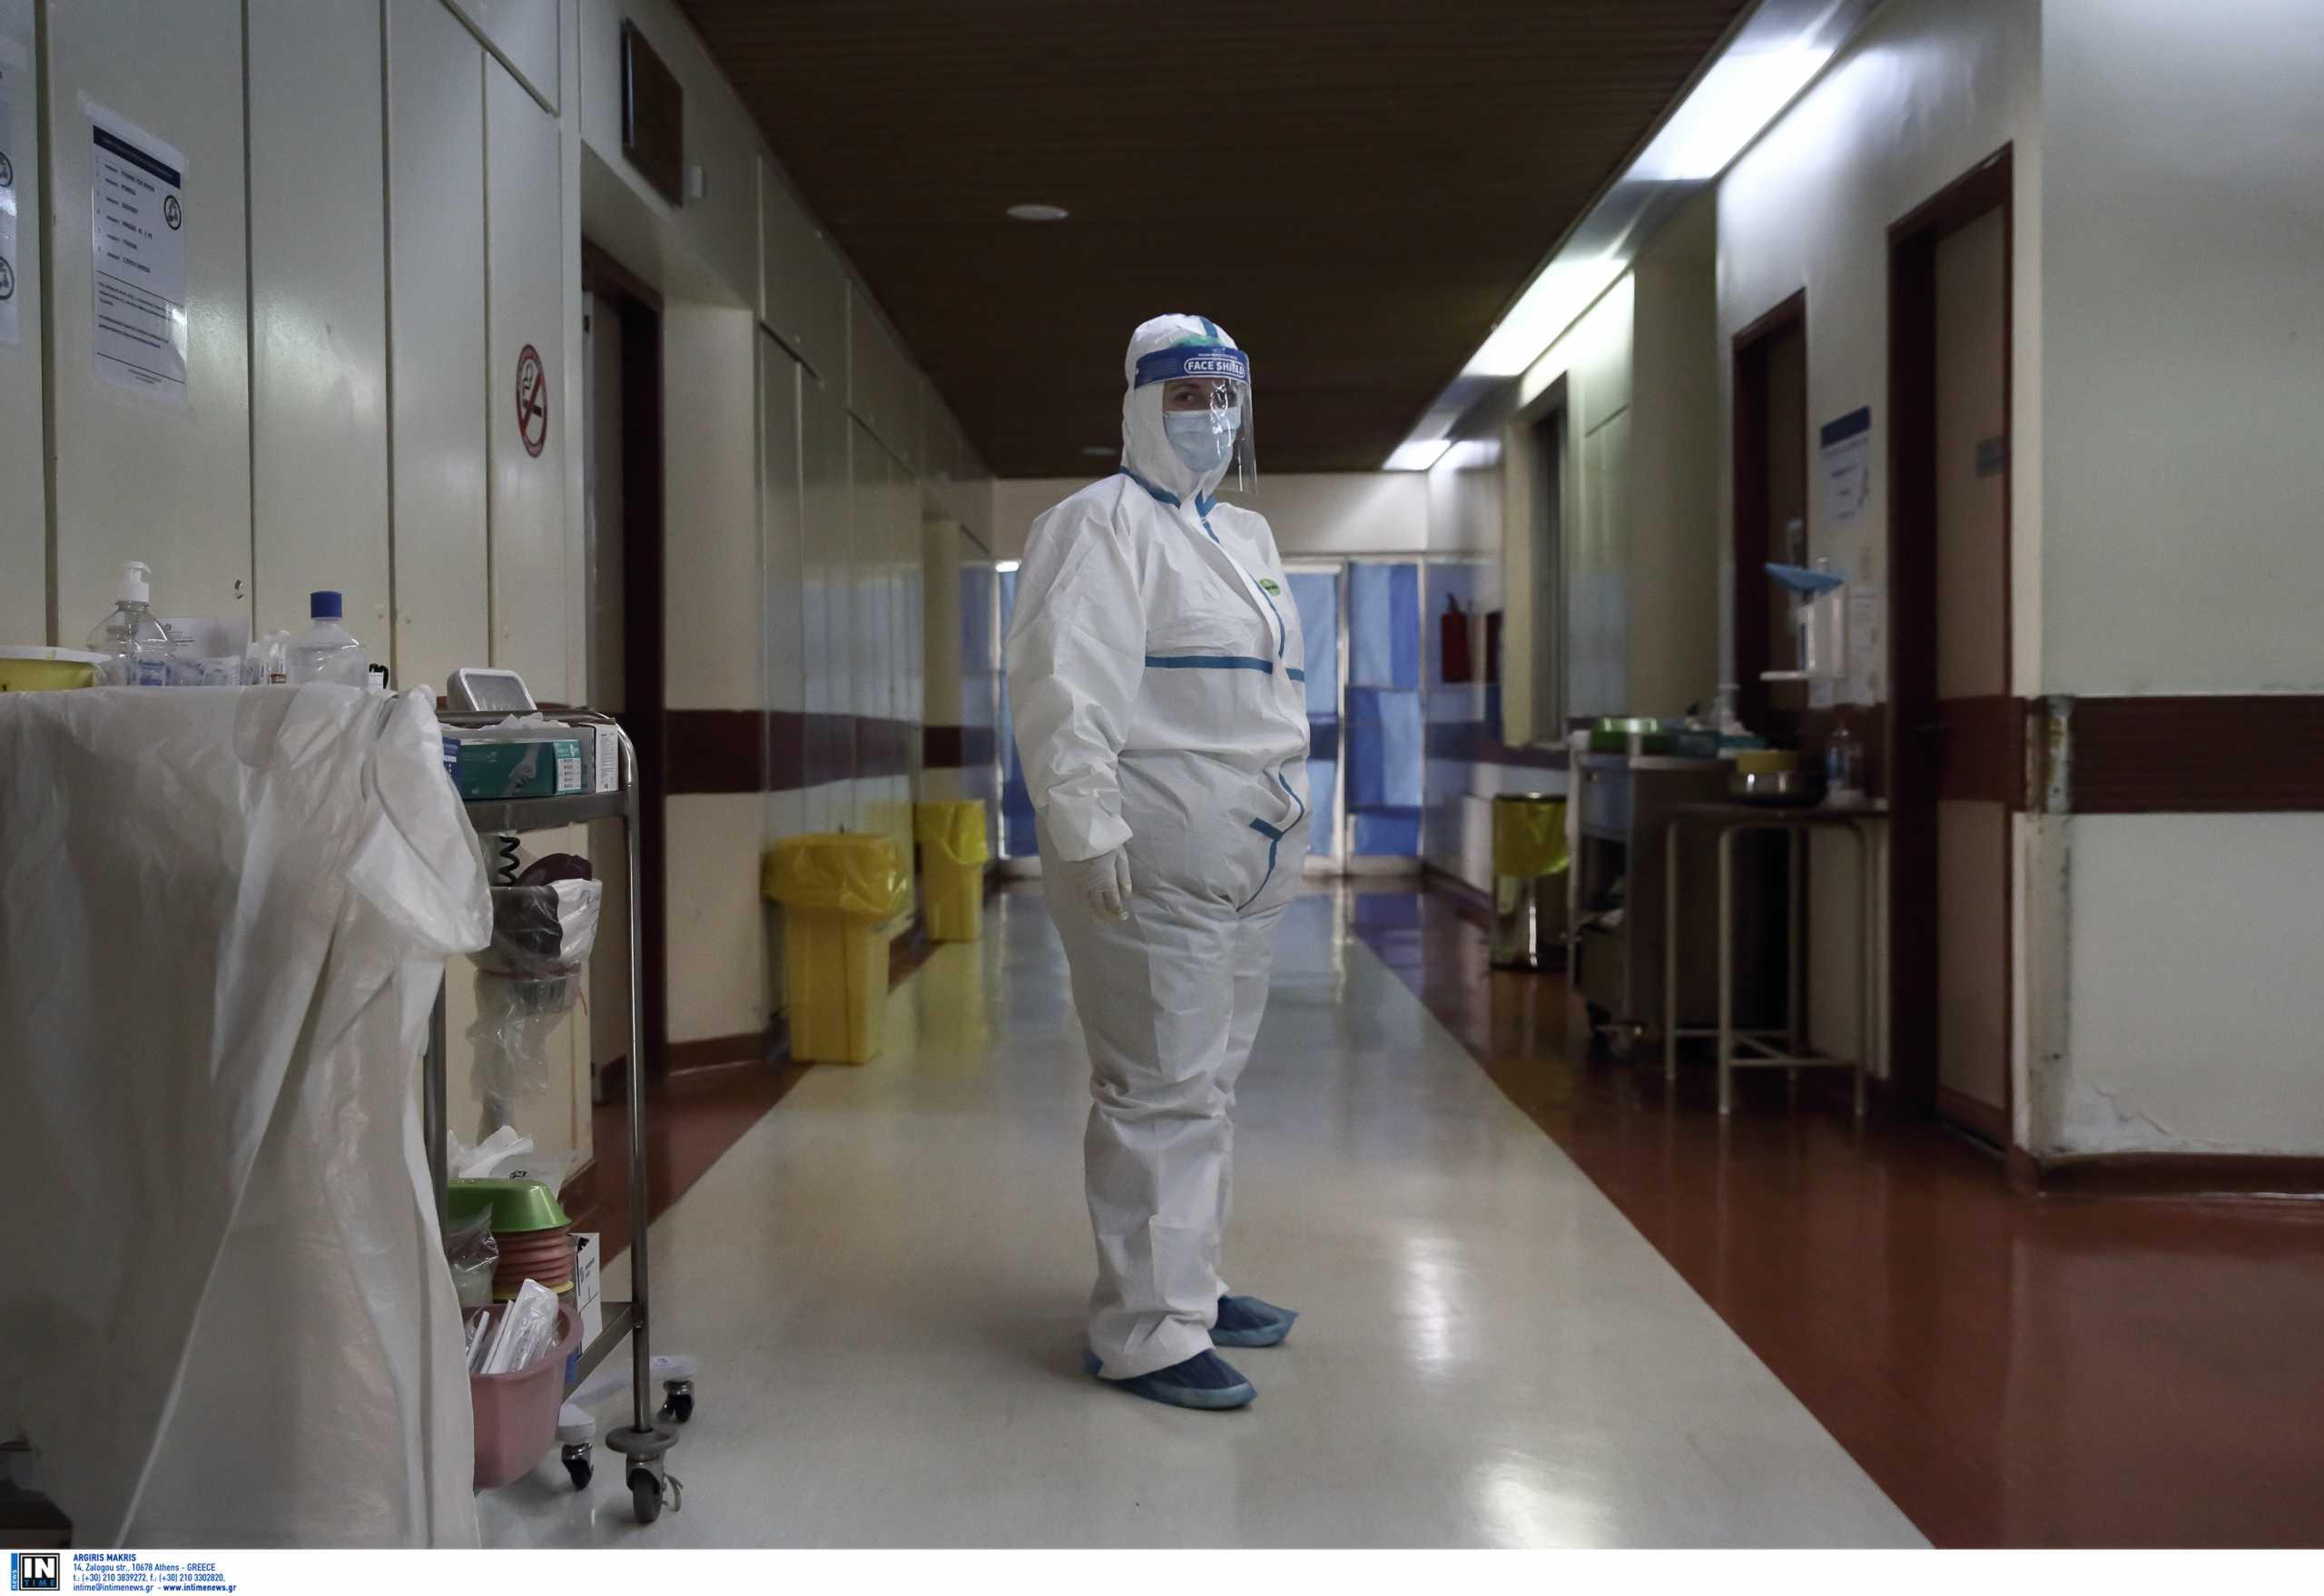 Επιστράτευση γιατρών: Πως θα γίνει – Όλη η διαδικασία